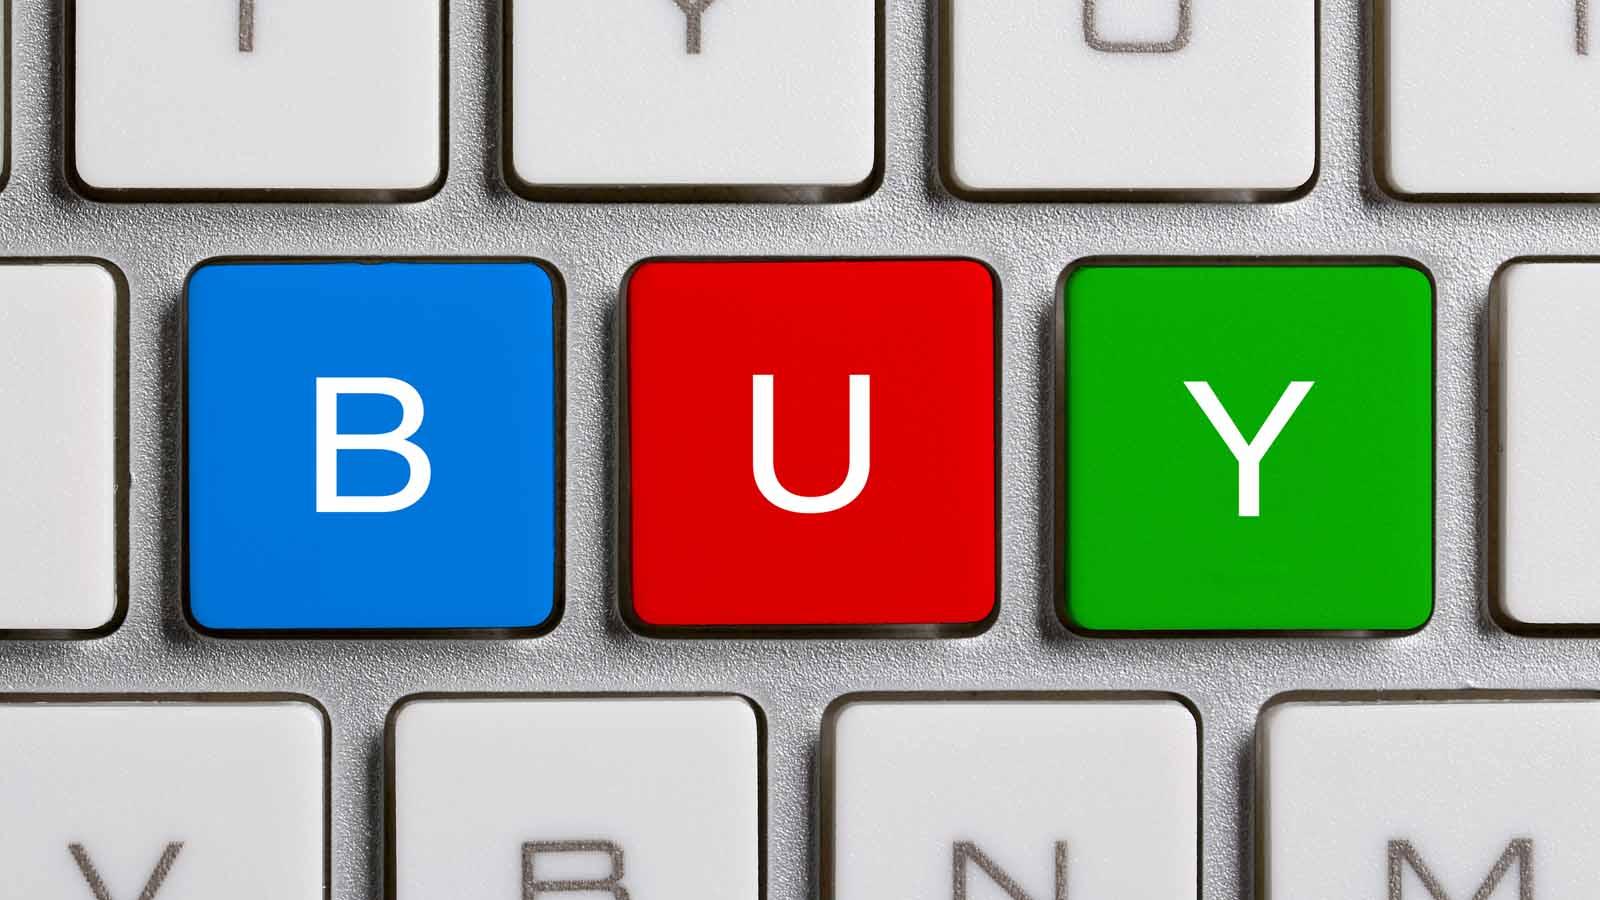 Lãnh đạo và người liên quan sẽ mua 20,3 triệu cổ phiếu Nam Long trong đợt phát hành riêng lẻ